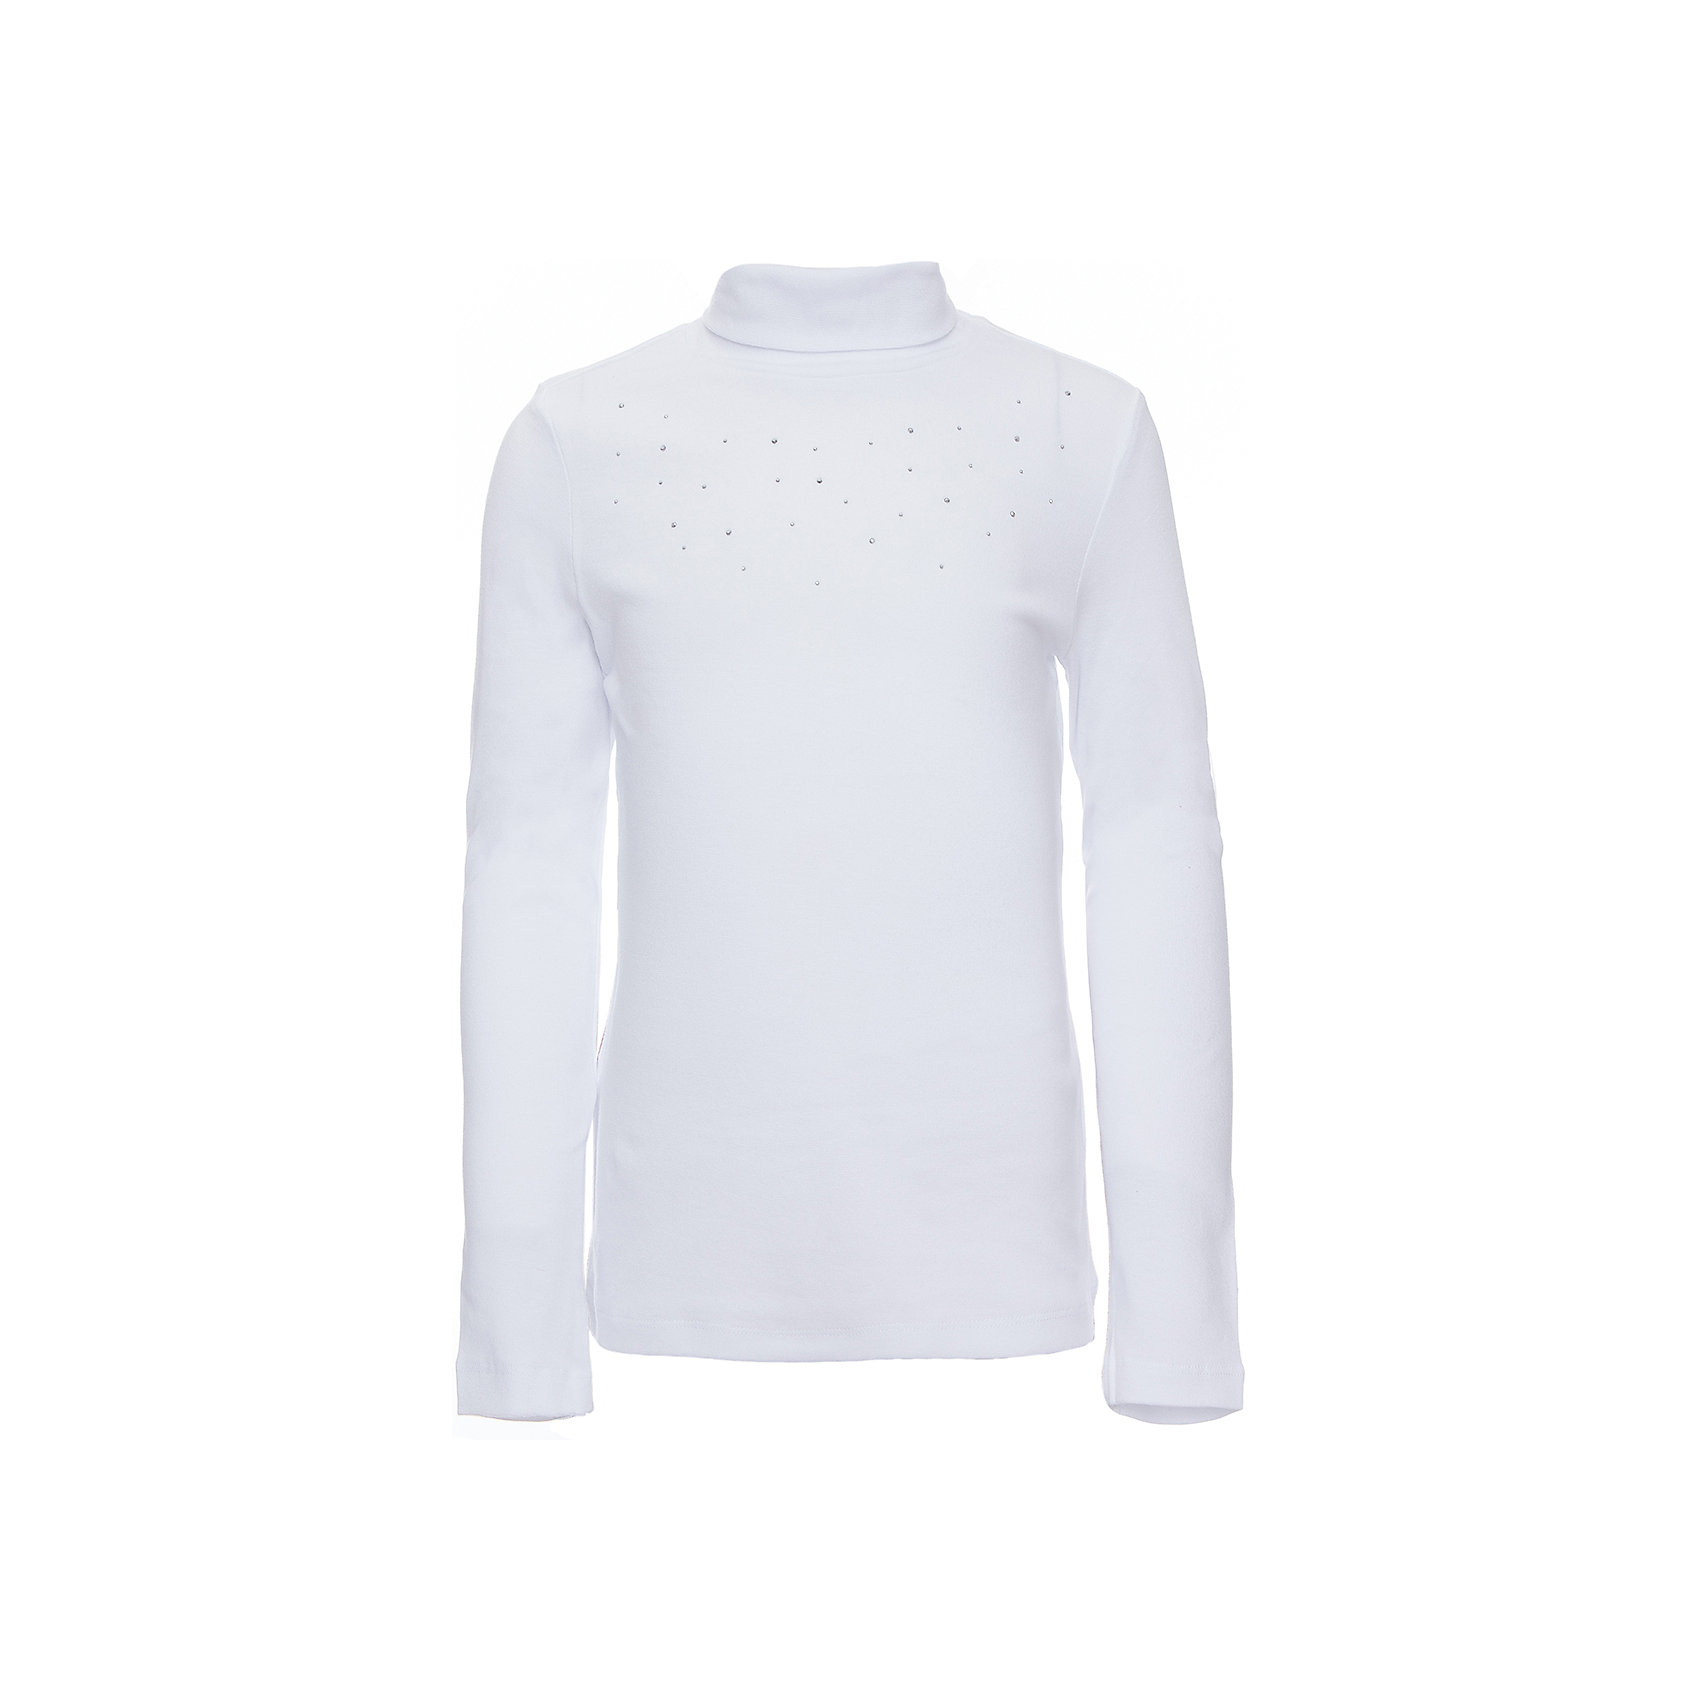 Водолазка для девочкиВодолазки<br>Водолазка для девочки из коллекции осень-зима 2016-2017 от известного бренда SELA. Удобный хлопковый джемпер на каждый день. Приятный белый цвет в сочетании с классическим дизайном придет по вкусу вашей моднице. Джемпер отлично подойдет к юбкам и брюкам, а также к джинсам.<br><br>Дополнительная информация:<br>- Рукав: длинный<br>- Силуэт: полуприлегающий<br>Состав: 95% хлопок 5% эластан<br><br>Джемпер для девочек Sela можно купить в нашем интернет-магазине.<br><br>Подробнее:<br>• Для детей в возрасте: от 6 до12 лет<br>• Номер товара: 4913513<br>Страна производитель: Китай<br><br>Ширина мм: 190<br>Глубина мм: 74<br>Высота мм: 229<br>Вес г: 236<br>Цвет: белый<br>Возраст от месяцев: 60<br>Возраст до месяцев: 72<br>Пол: Женский<br>Возраст: Детский<br>Размер: 116,128,134,152,122,140,146<br>SKU: 4913512